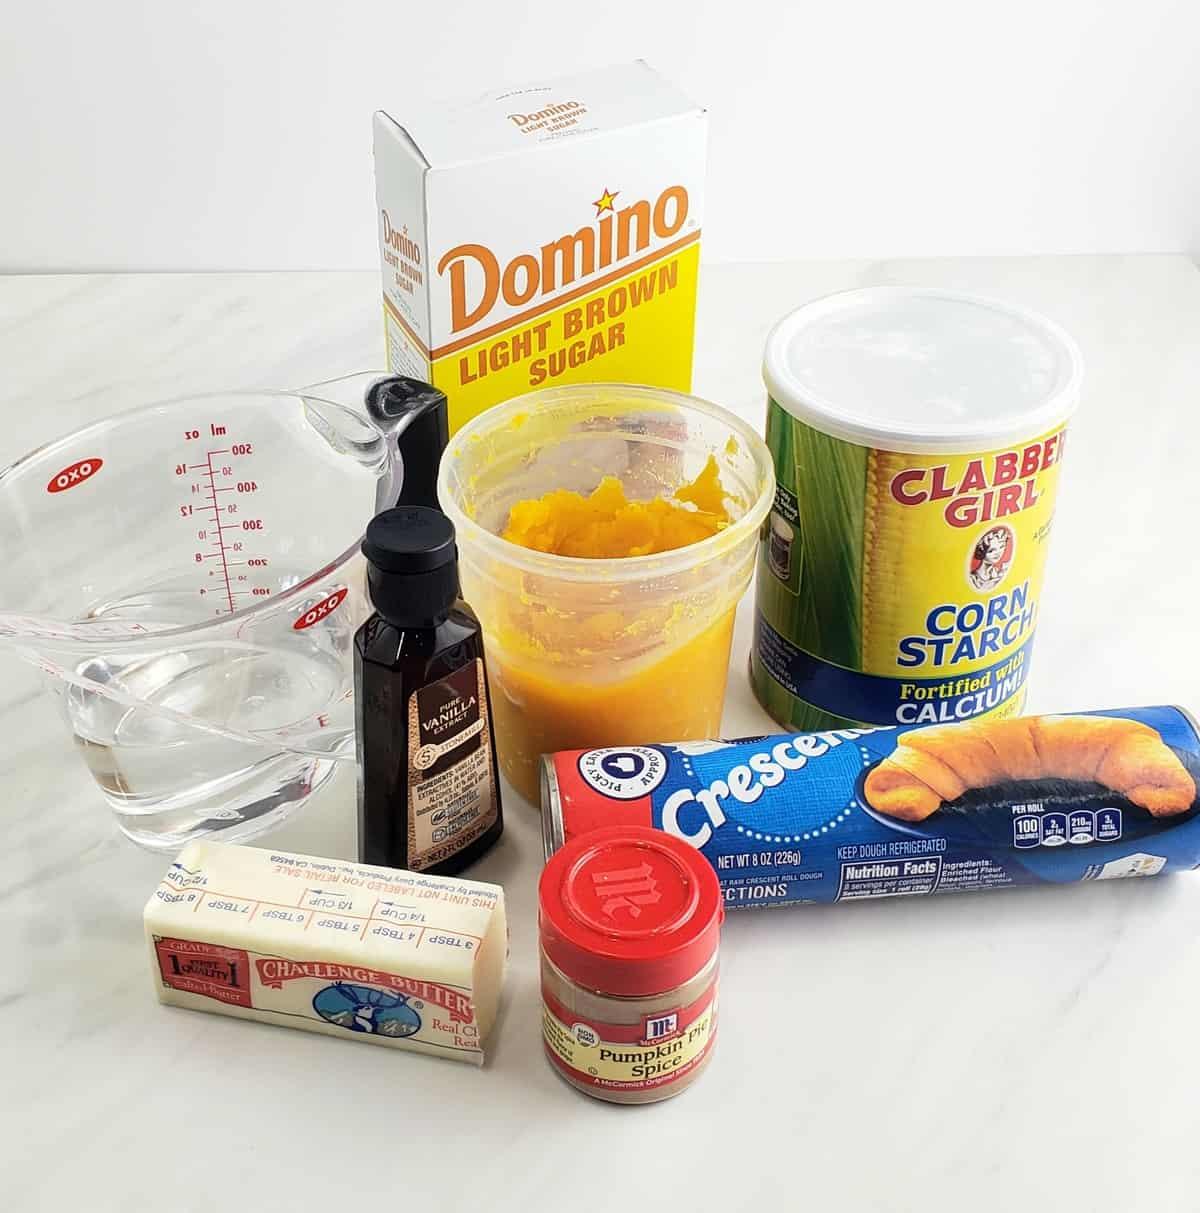 Ingredients: brown sugar, pumpkin puree, cornstarch, butter, pumpkin spice, crescent rolls